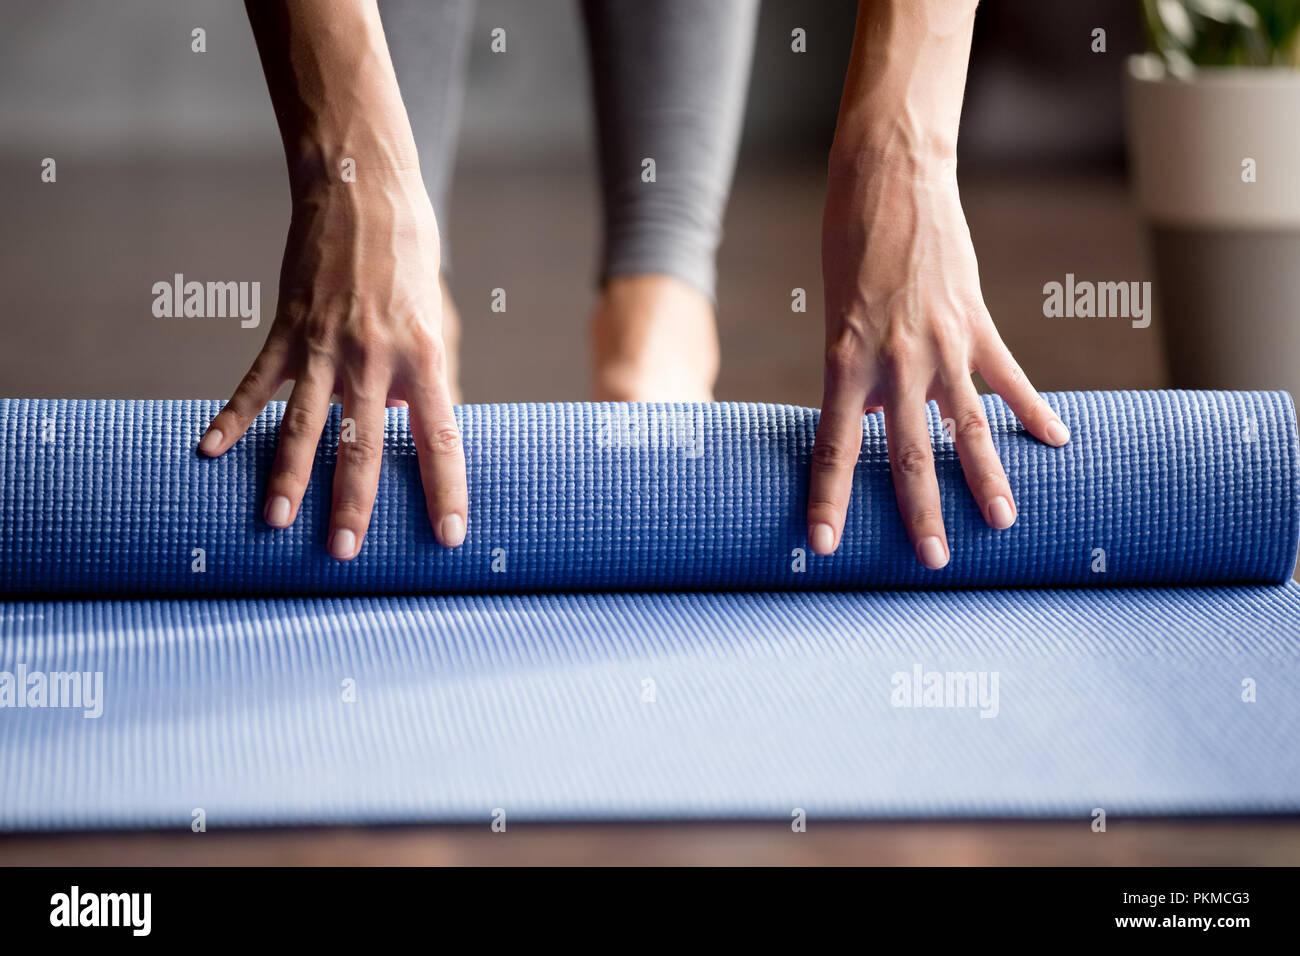 Mädchen Hand klappbaren blauen übung Matte am Boden Stockbild